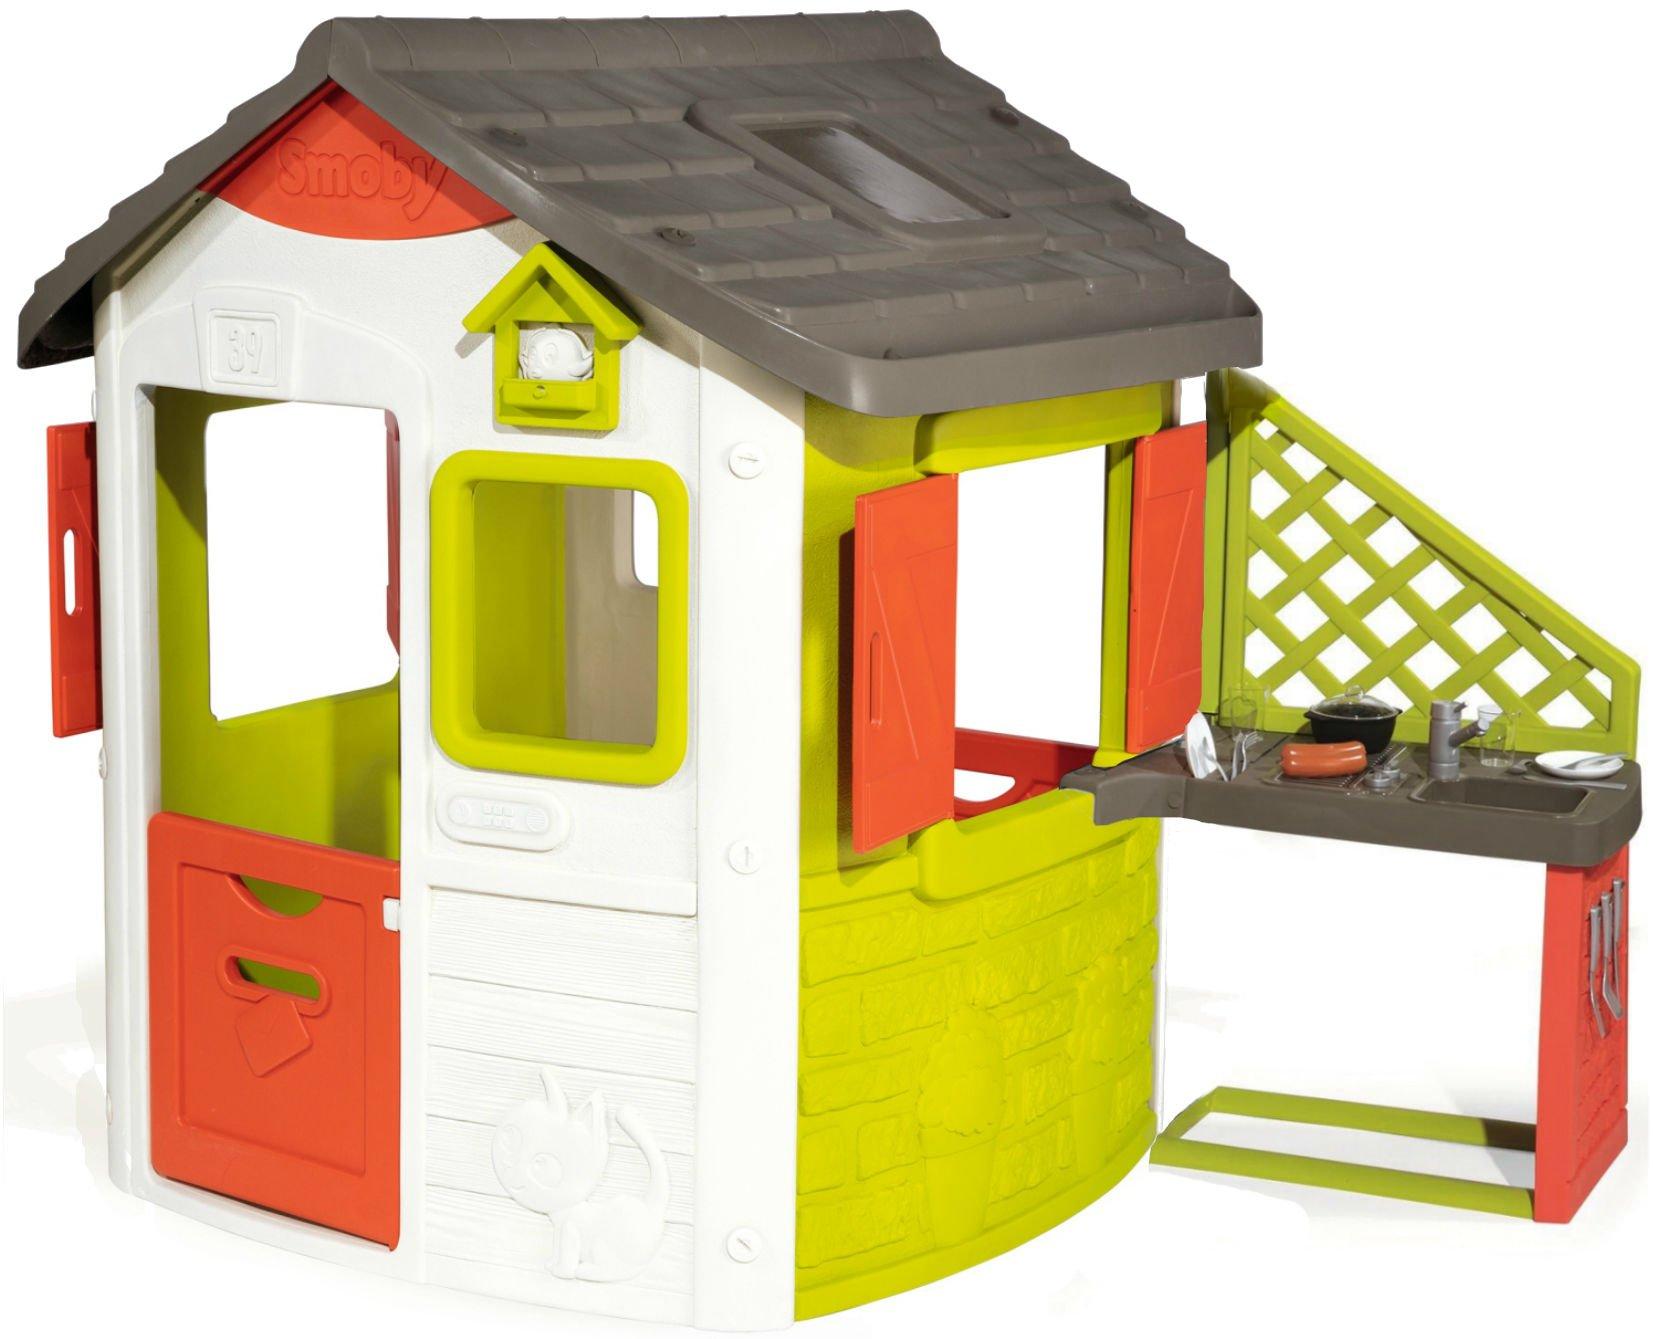 Smoby 810500 Domek Ogrodowy Dla Dzieci Neo Jura Kuchnia Letnia